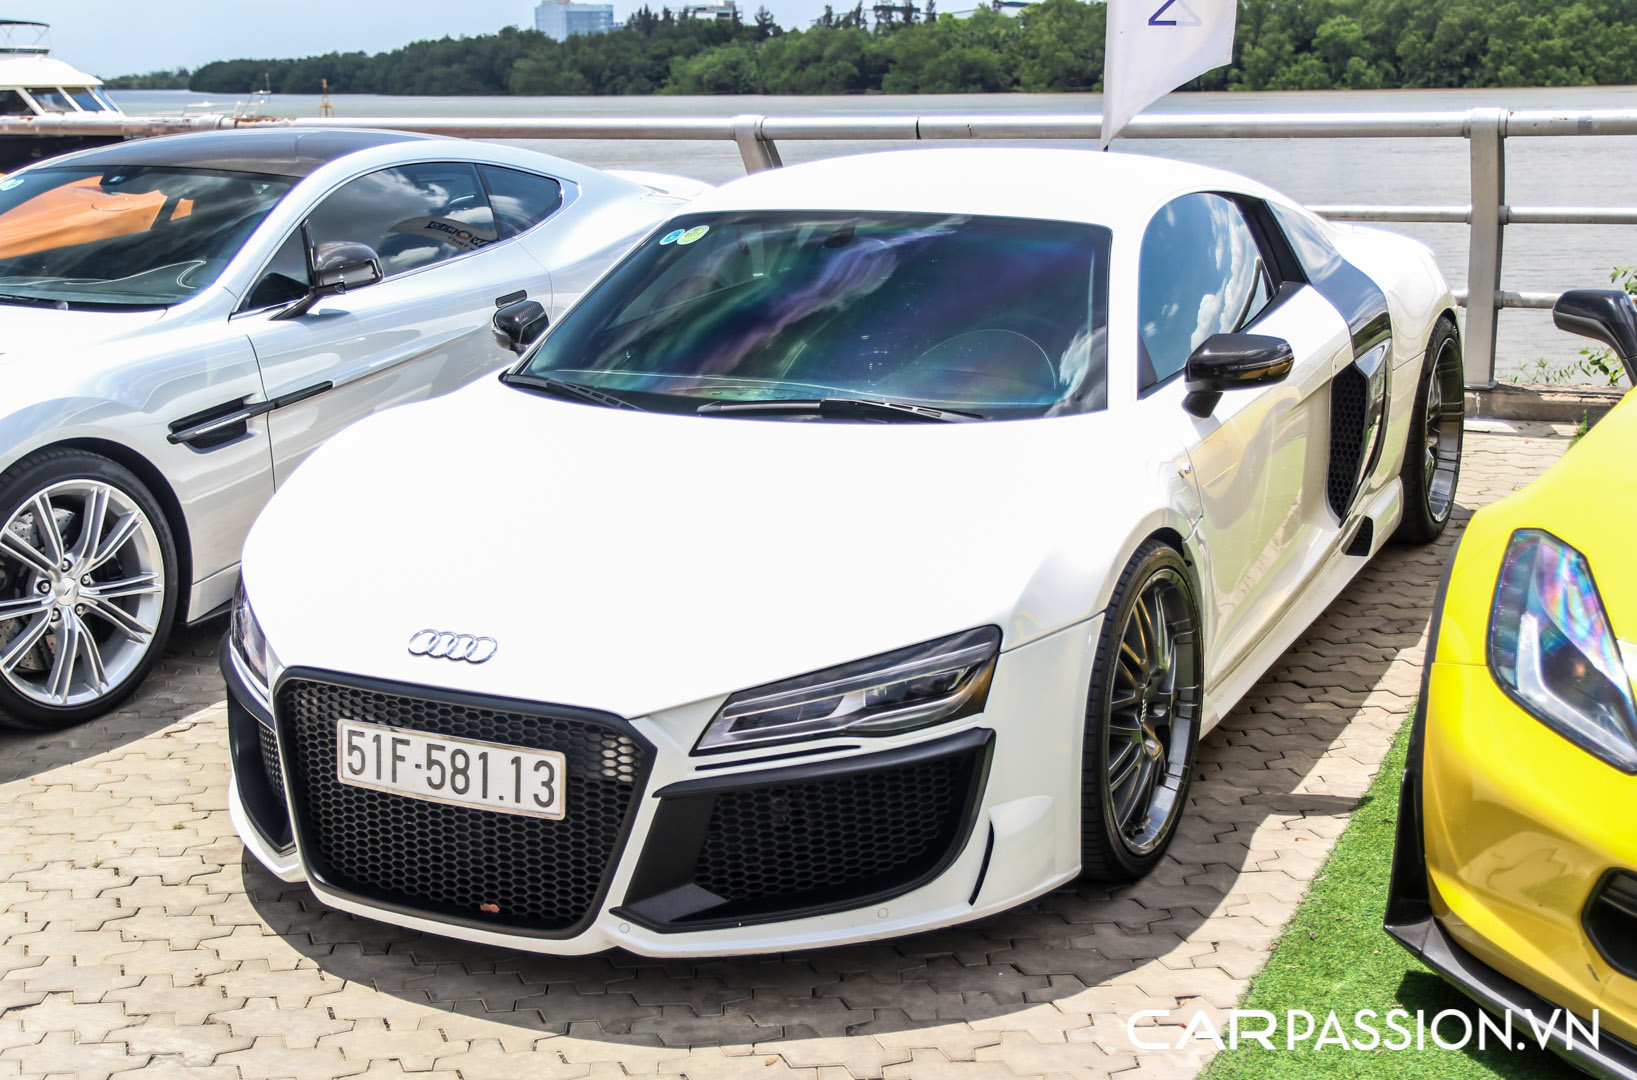 Audi R8 Regula Tuning (14).JPG